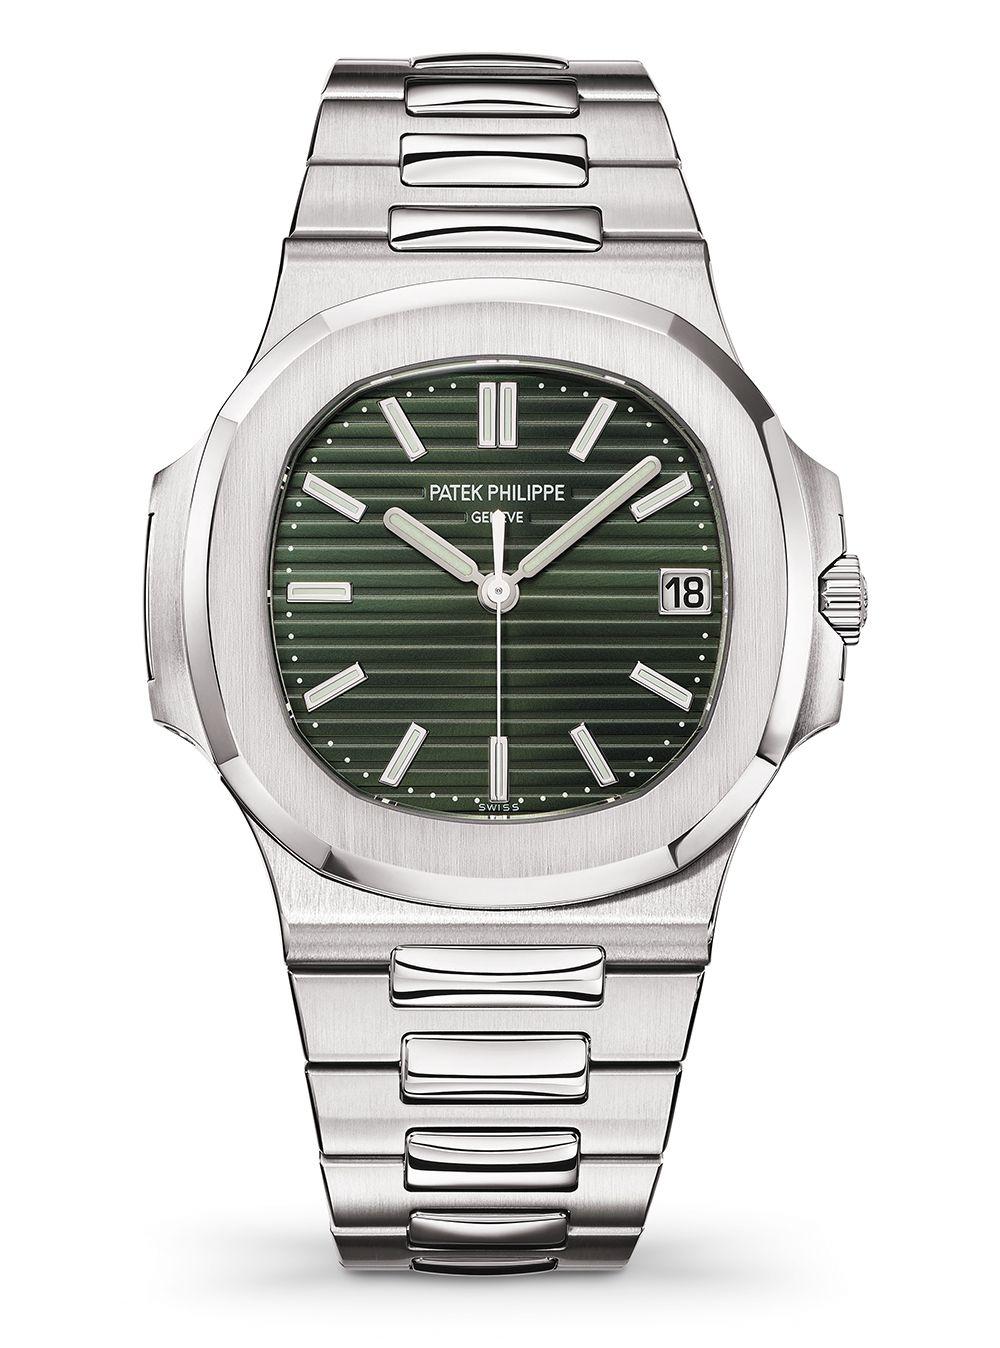 Nautilus金鷹系列5711/1A腕錶by Patek Philippe。